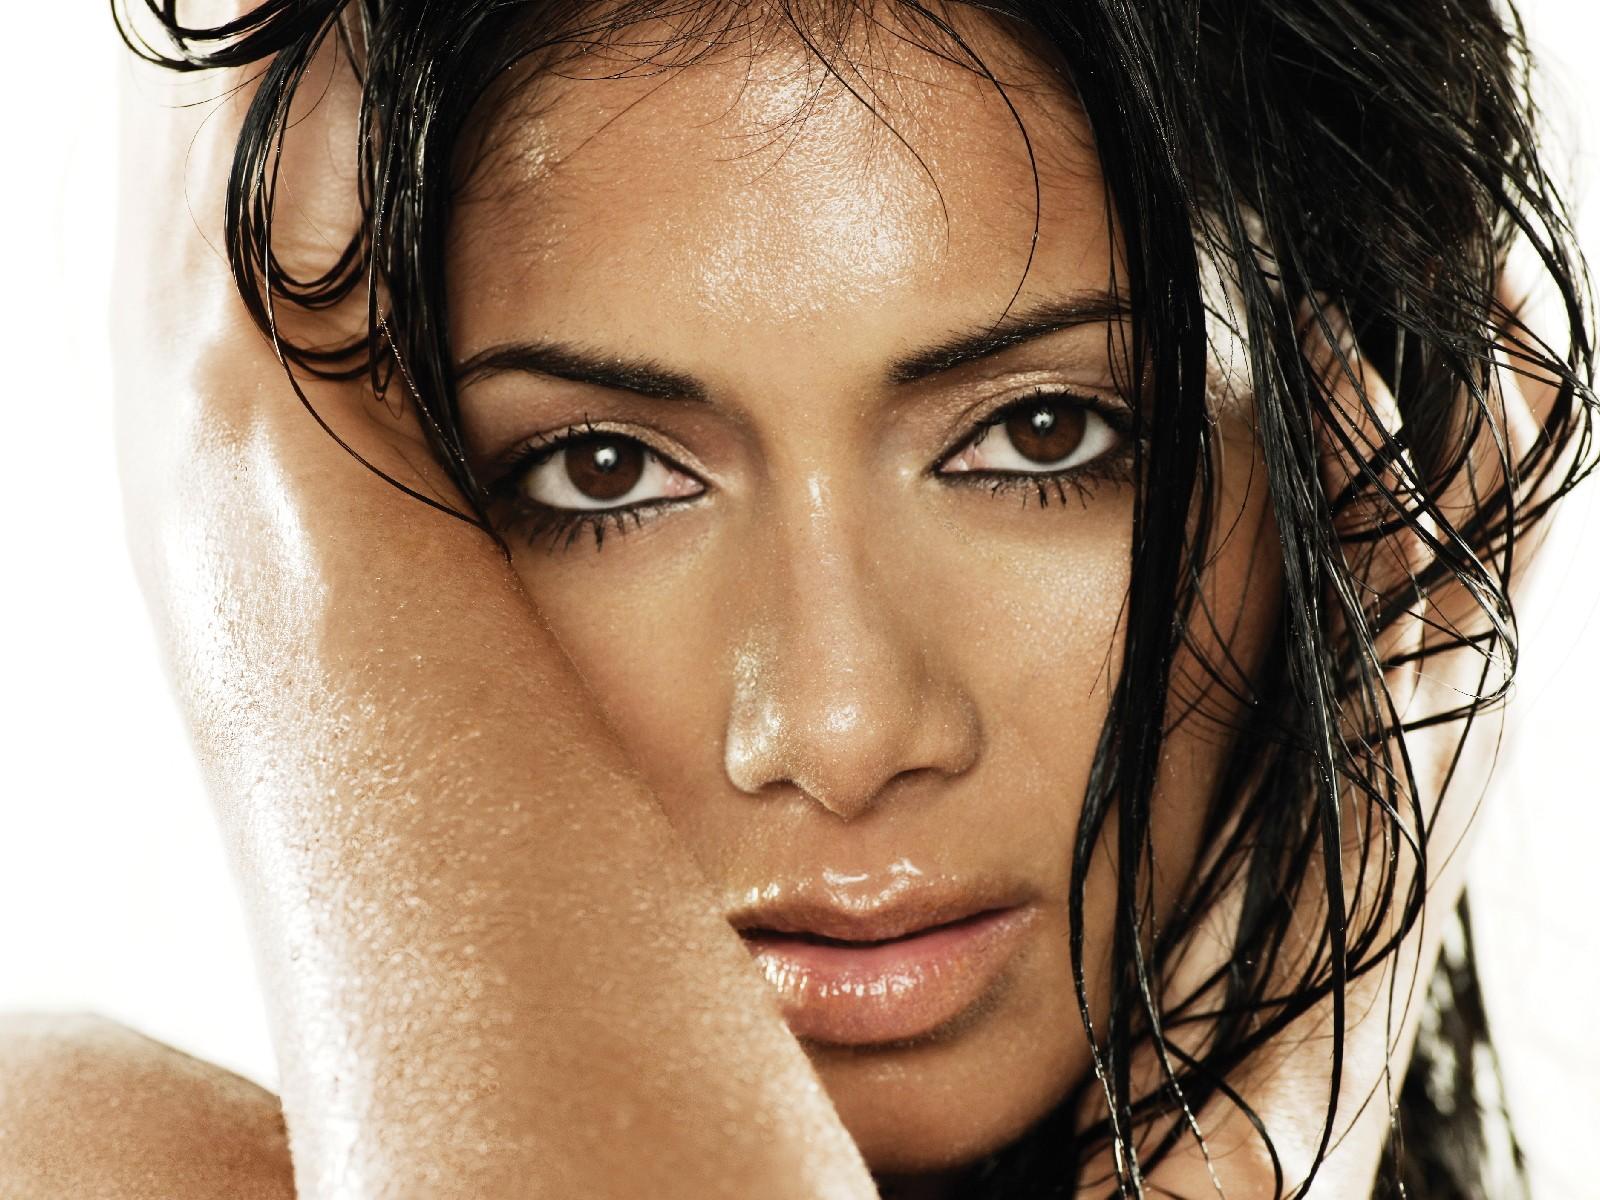 http://4.bp.blogspot.com/_jRrUQPqIYJU/TSoHDfleetI/AAAAAAAAHQk/QQVzOgTxv68/s1600/Nicole%2BScherzinger%2B0001.jpg